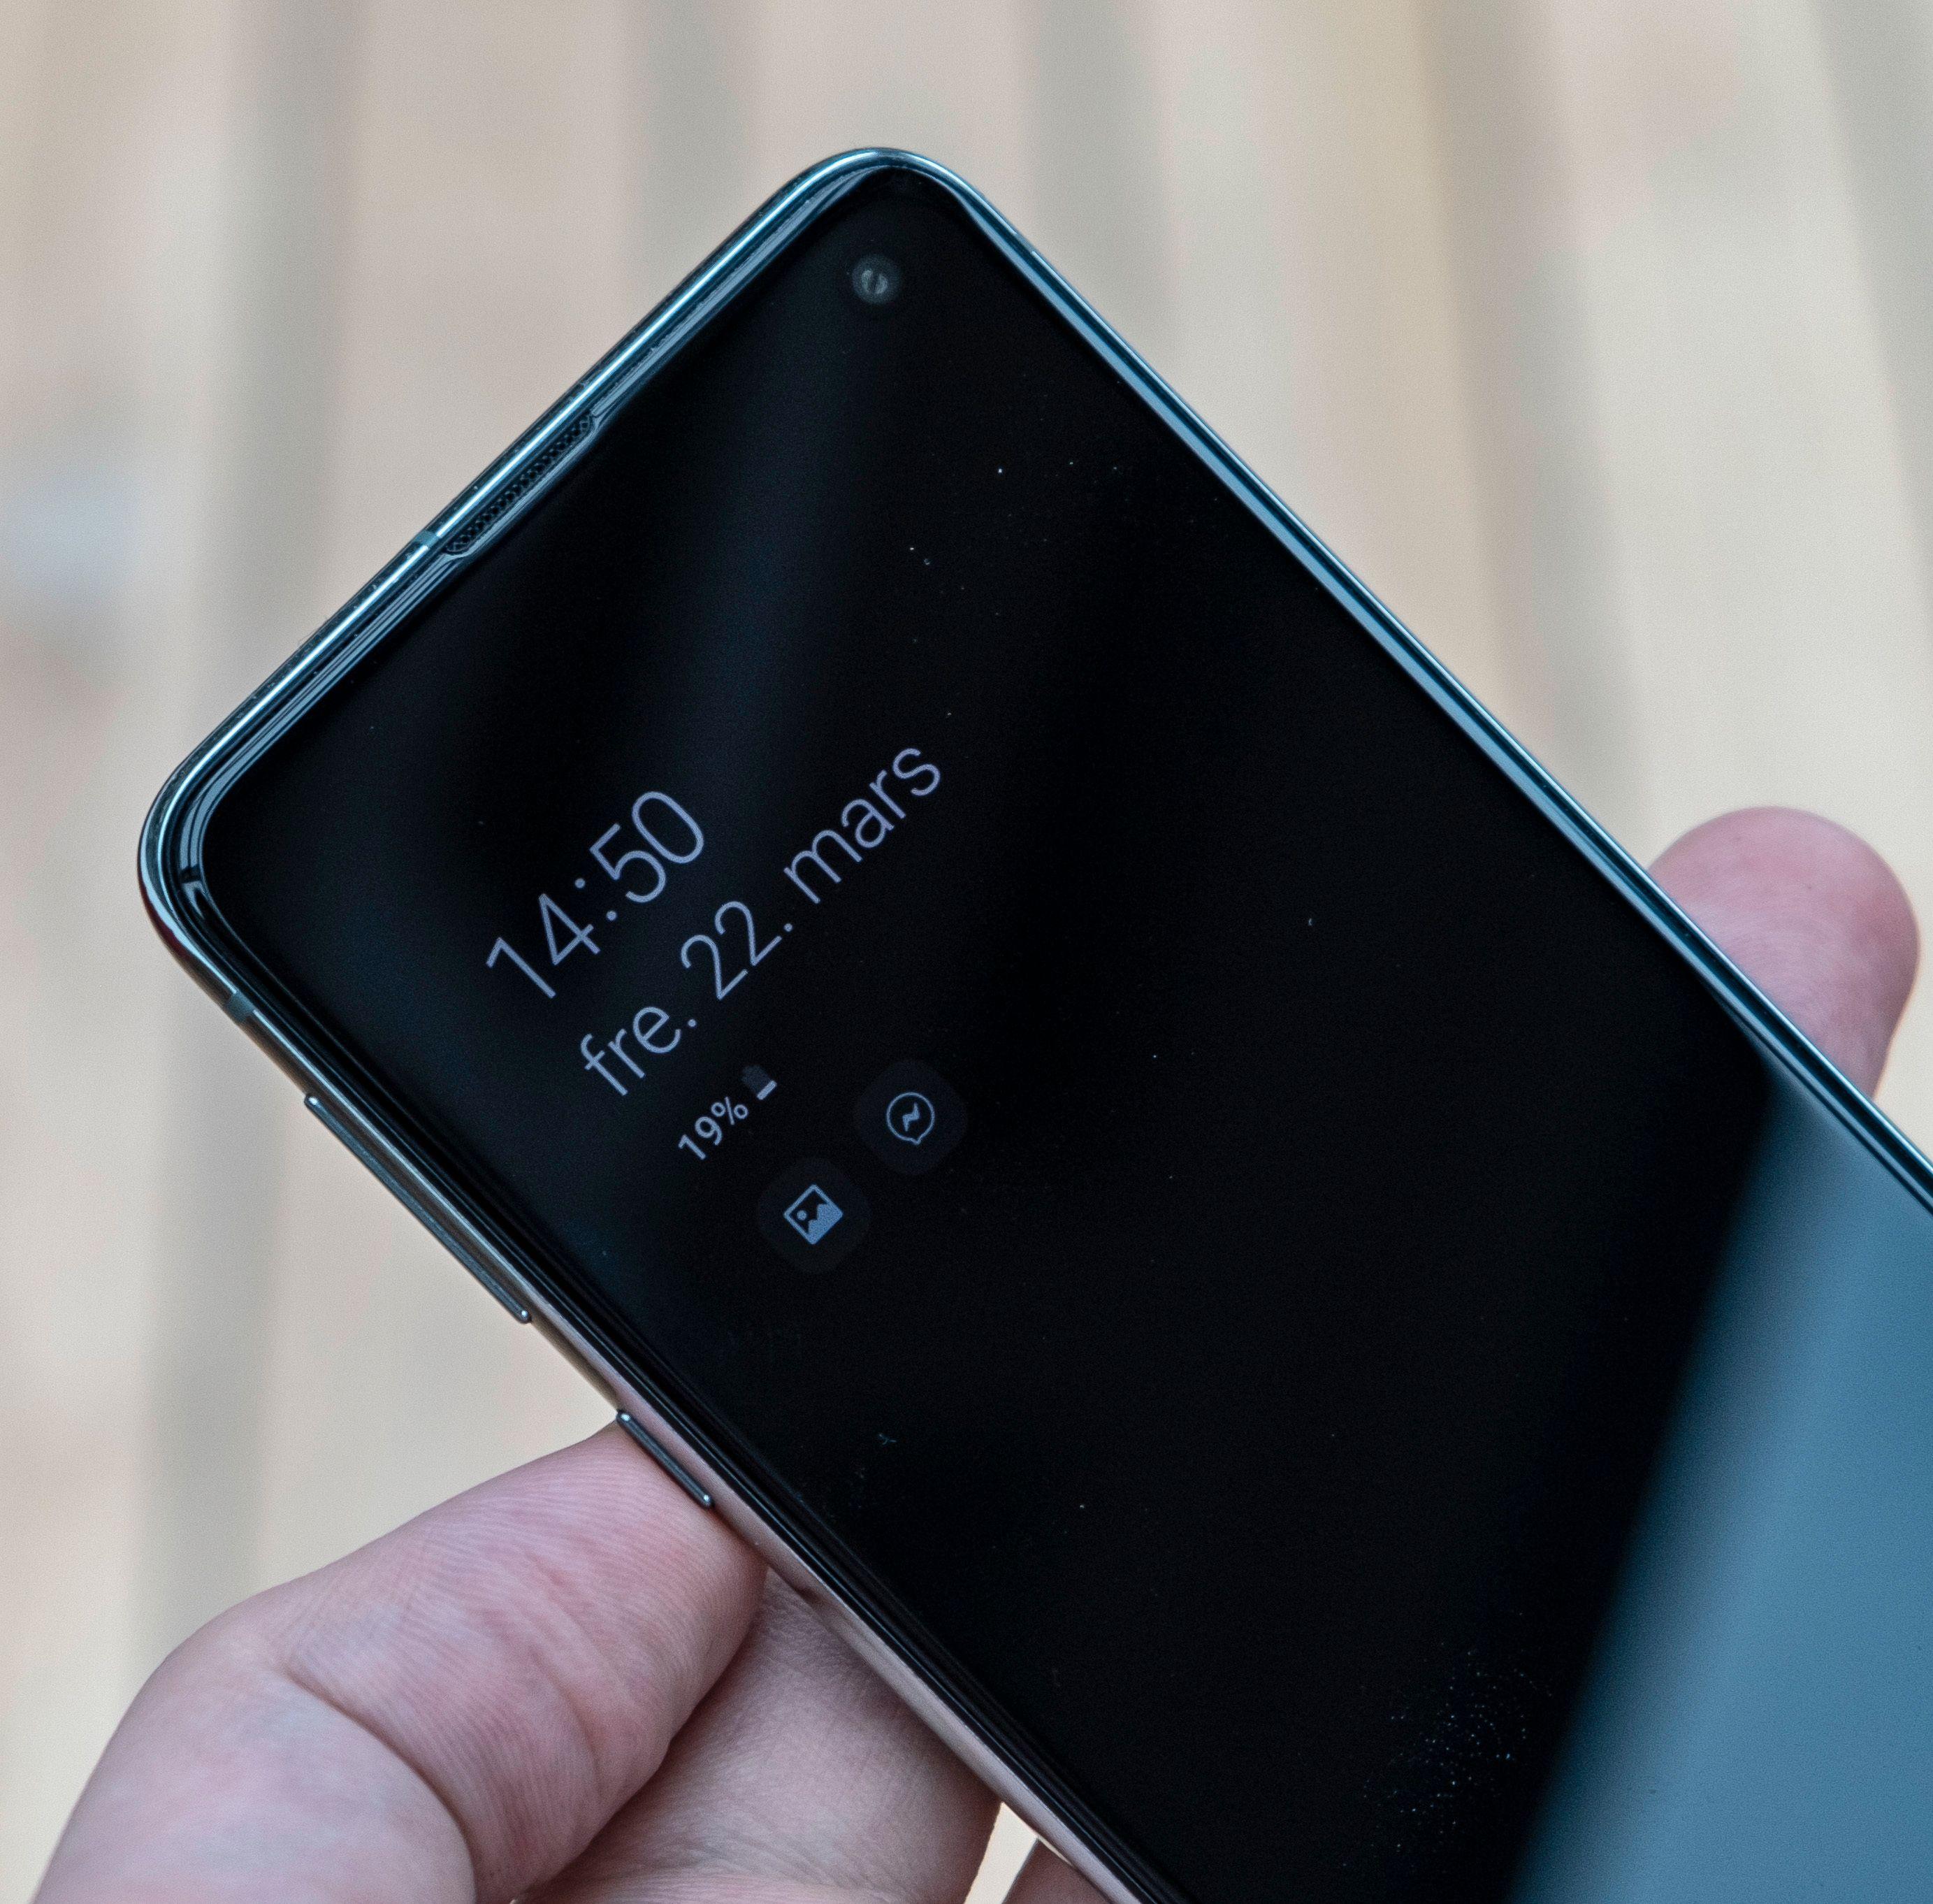 Liten telefon betyr relativt lite batteri. Men telefonen klarer seg som regel fra morgen til kveld, selv om du bruker den mye.